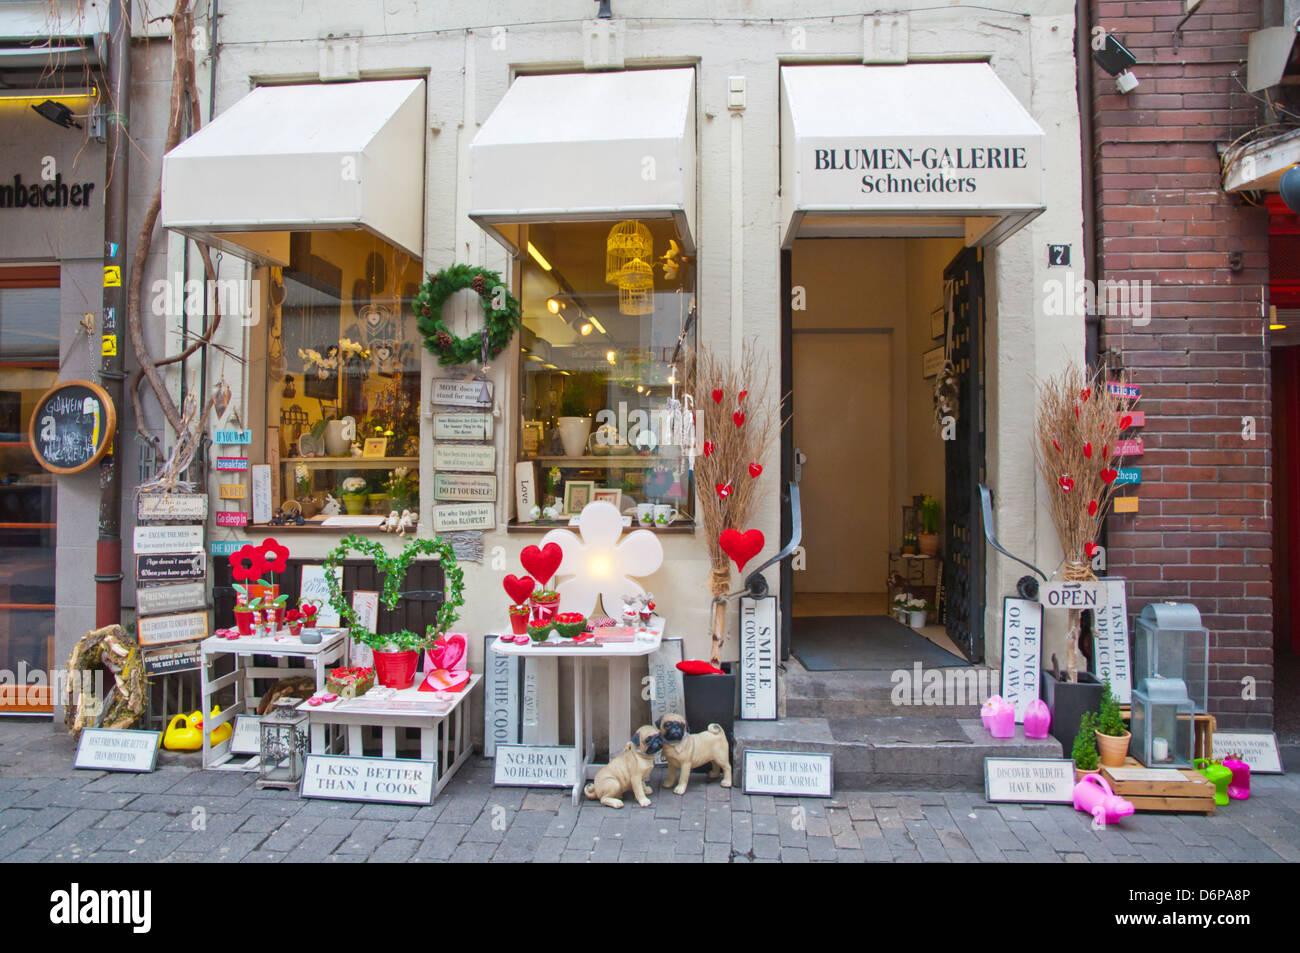 Design Düsseldorf blumen galerie schneiders flower and interior design shop altstadt